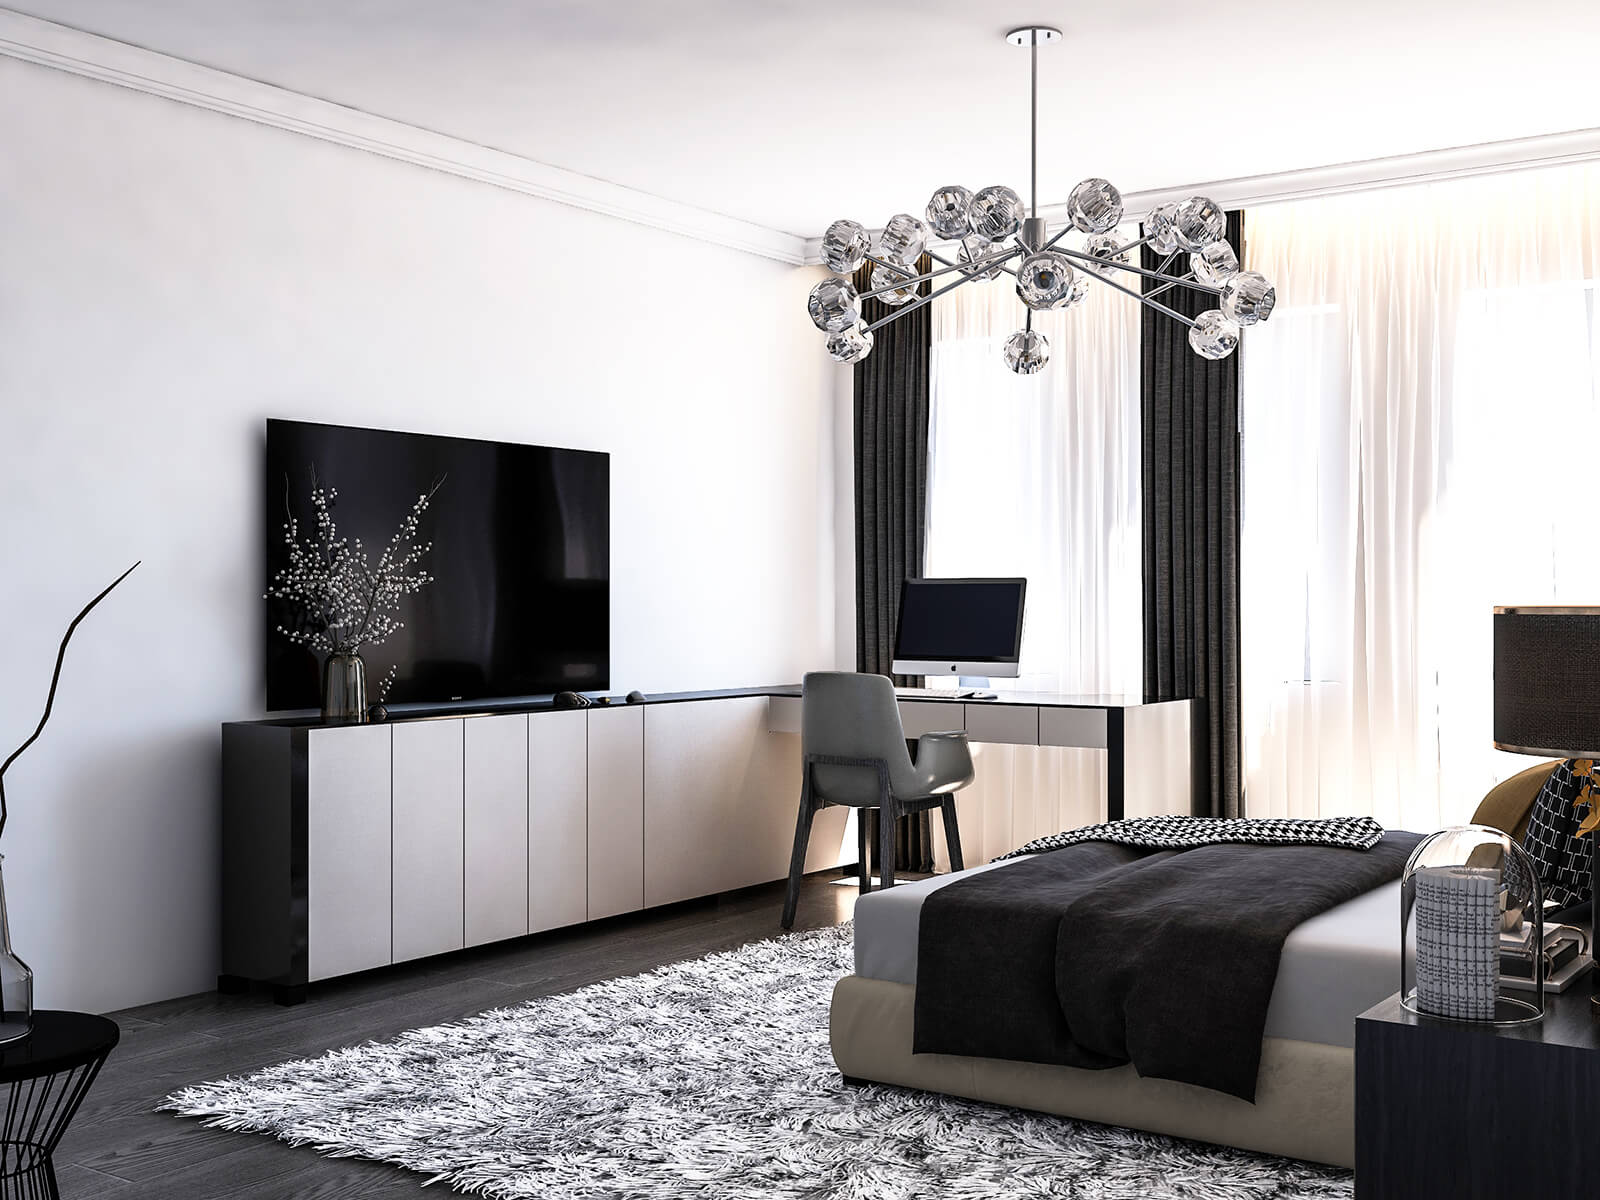 interioren-dizain-proekt-na-staya-za-gosti-spalnya-serena (2)